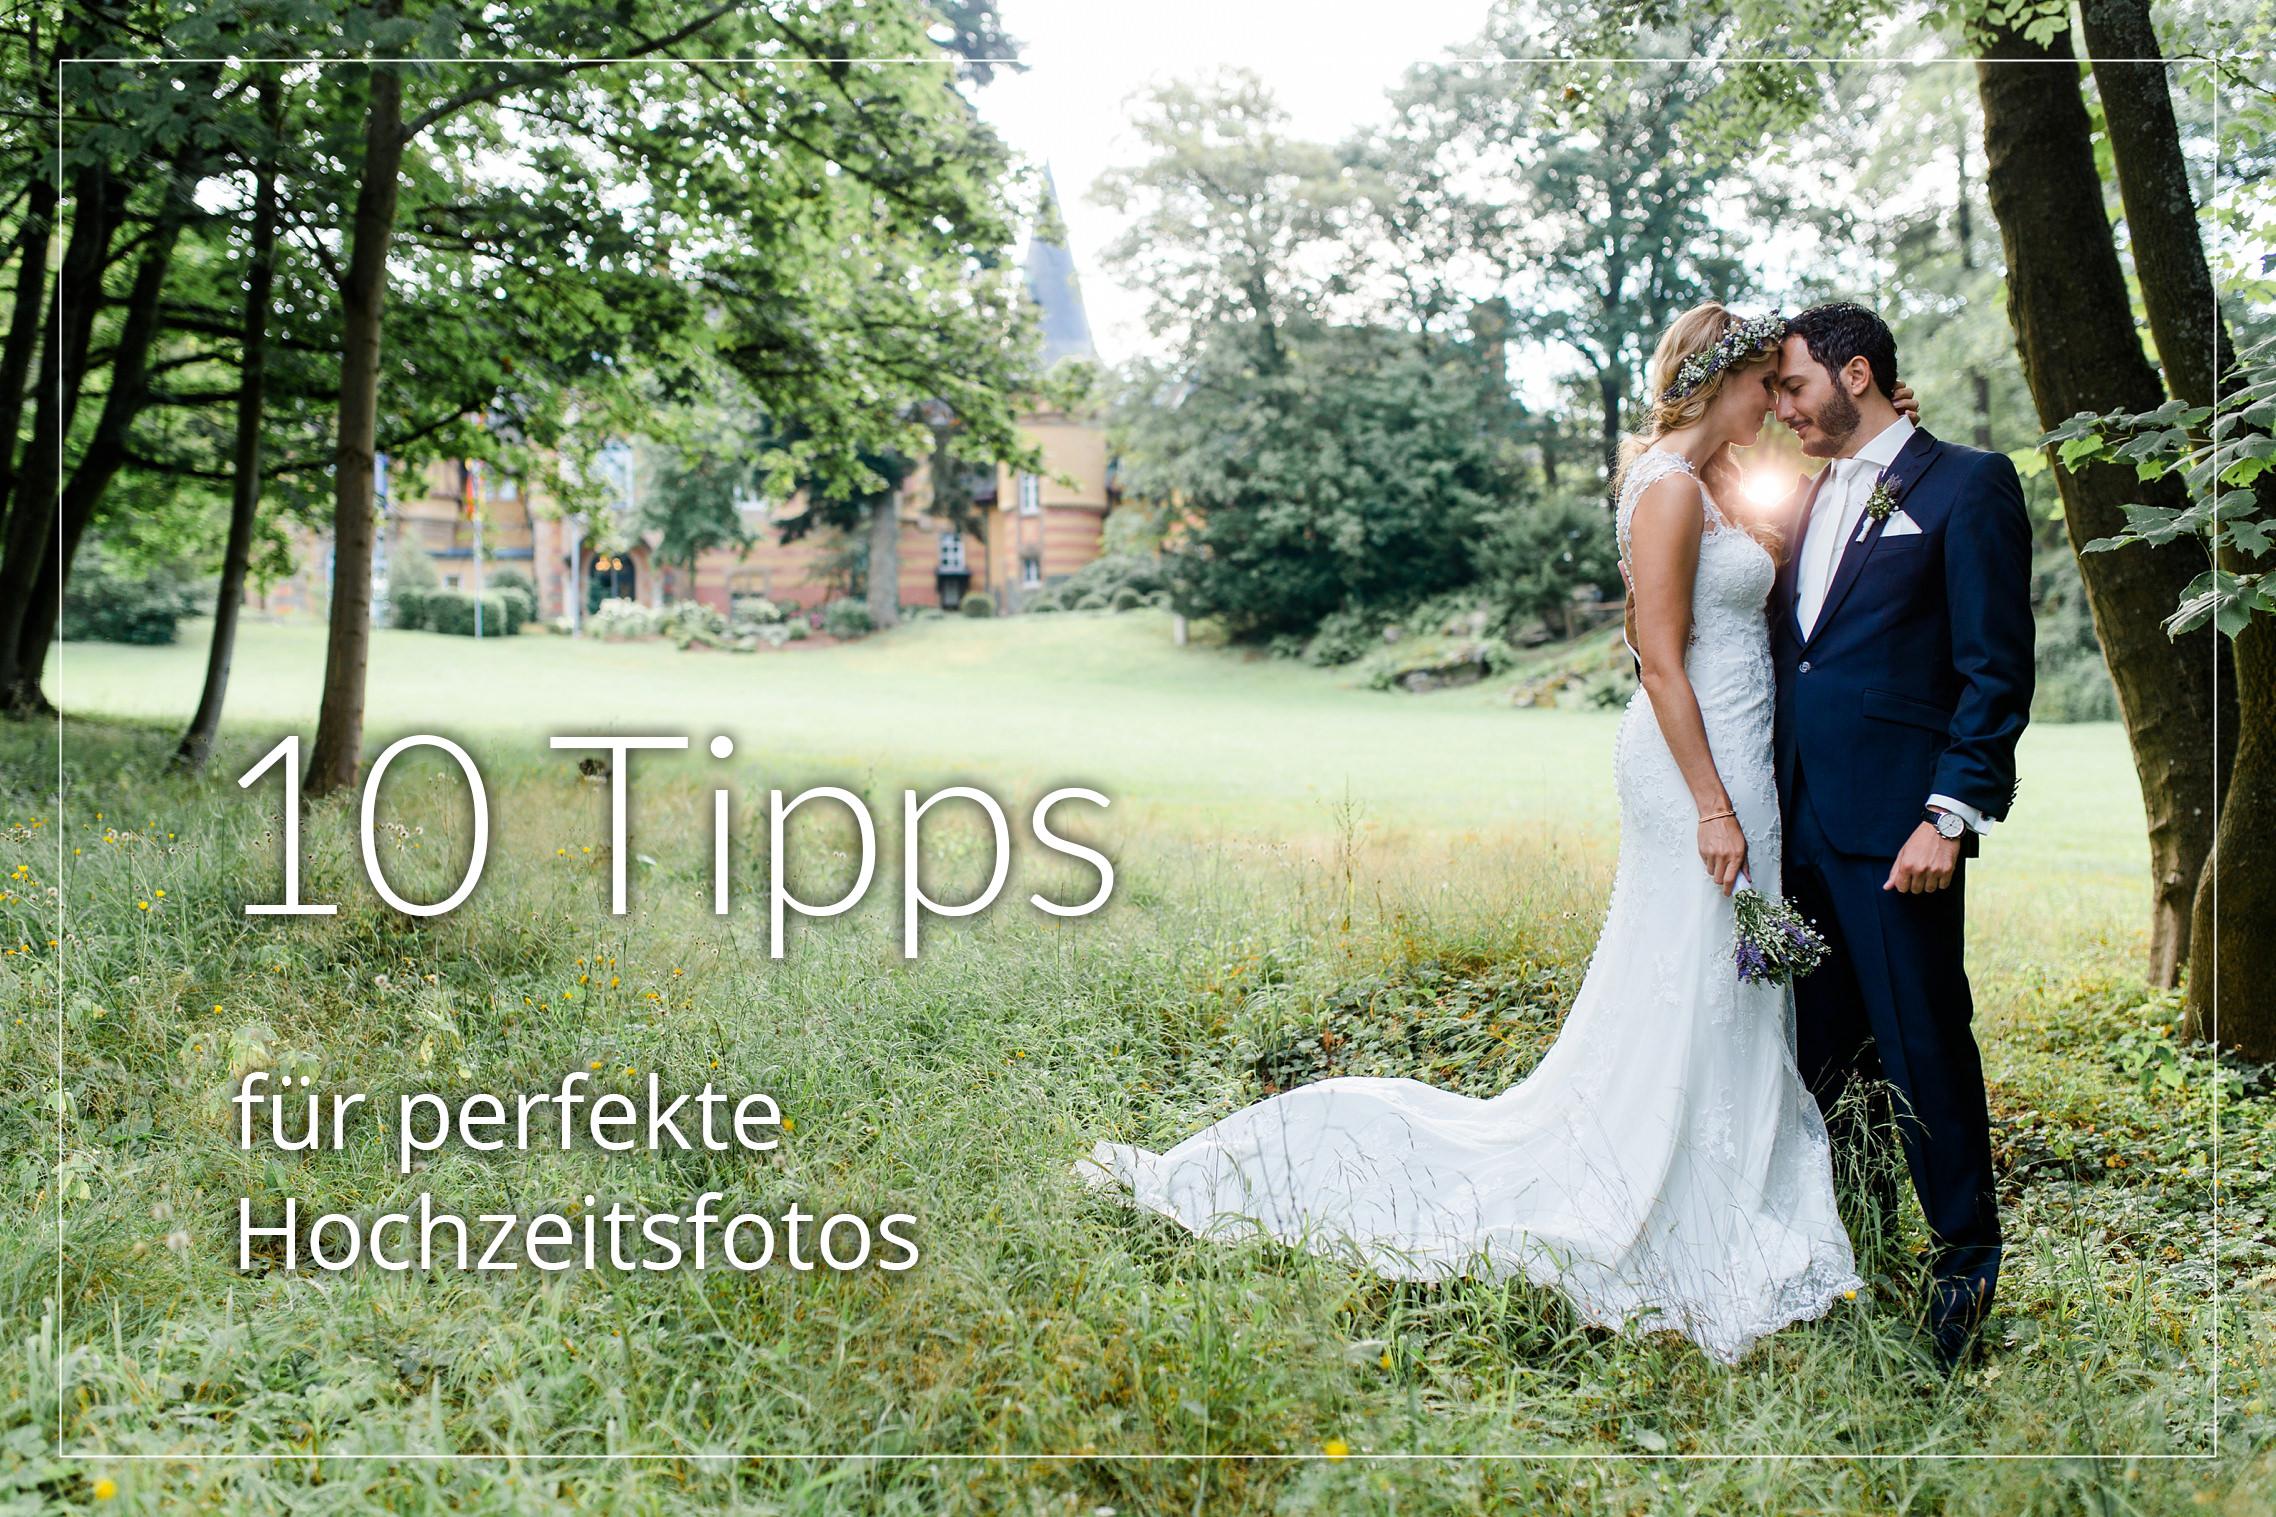 Blogartikel zu 10 Tipps für die perfekten Hochzeitsfotos aus Sicht eines Fotografen.